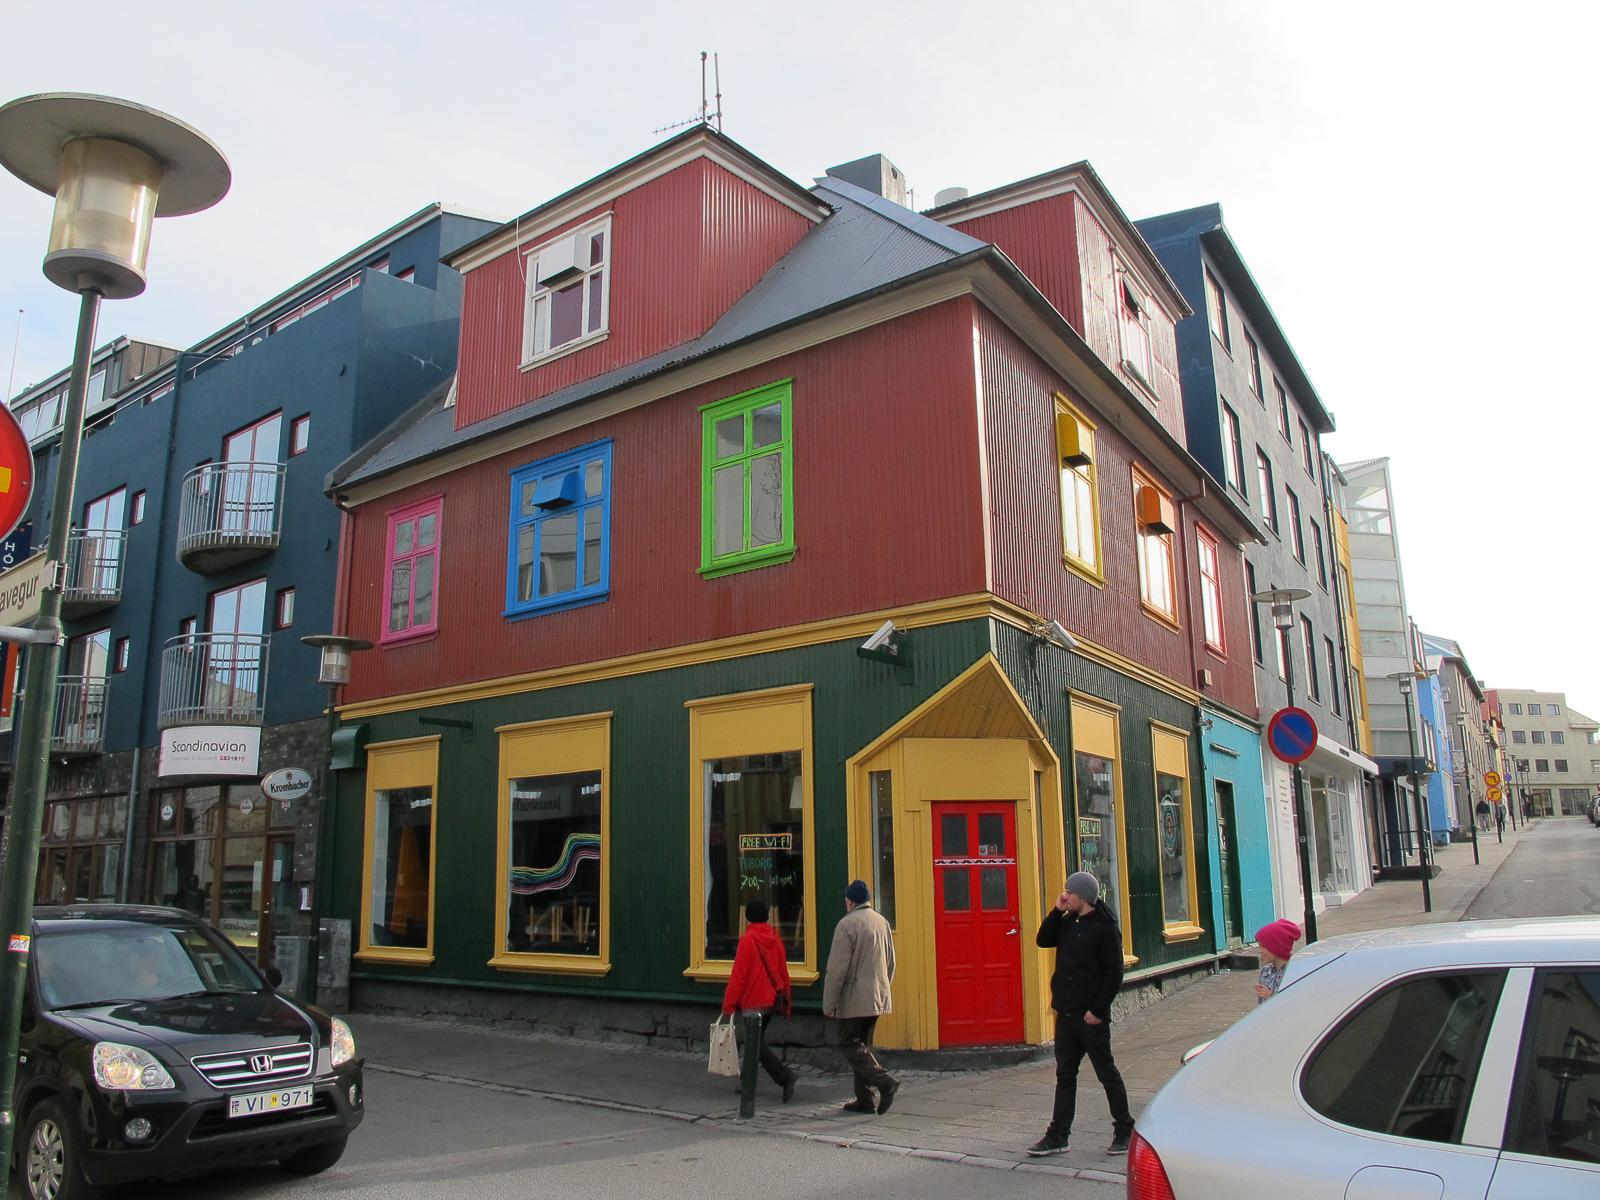 Las casa de colores de reikiavik en islandia el coleccionista de instantes - Casas en islandia ...